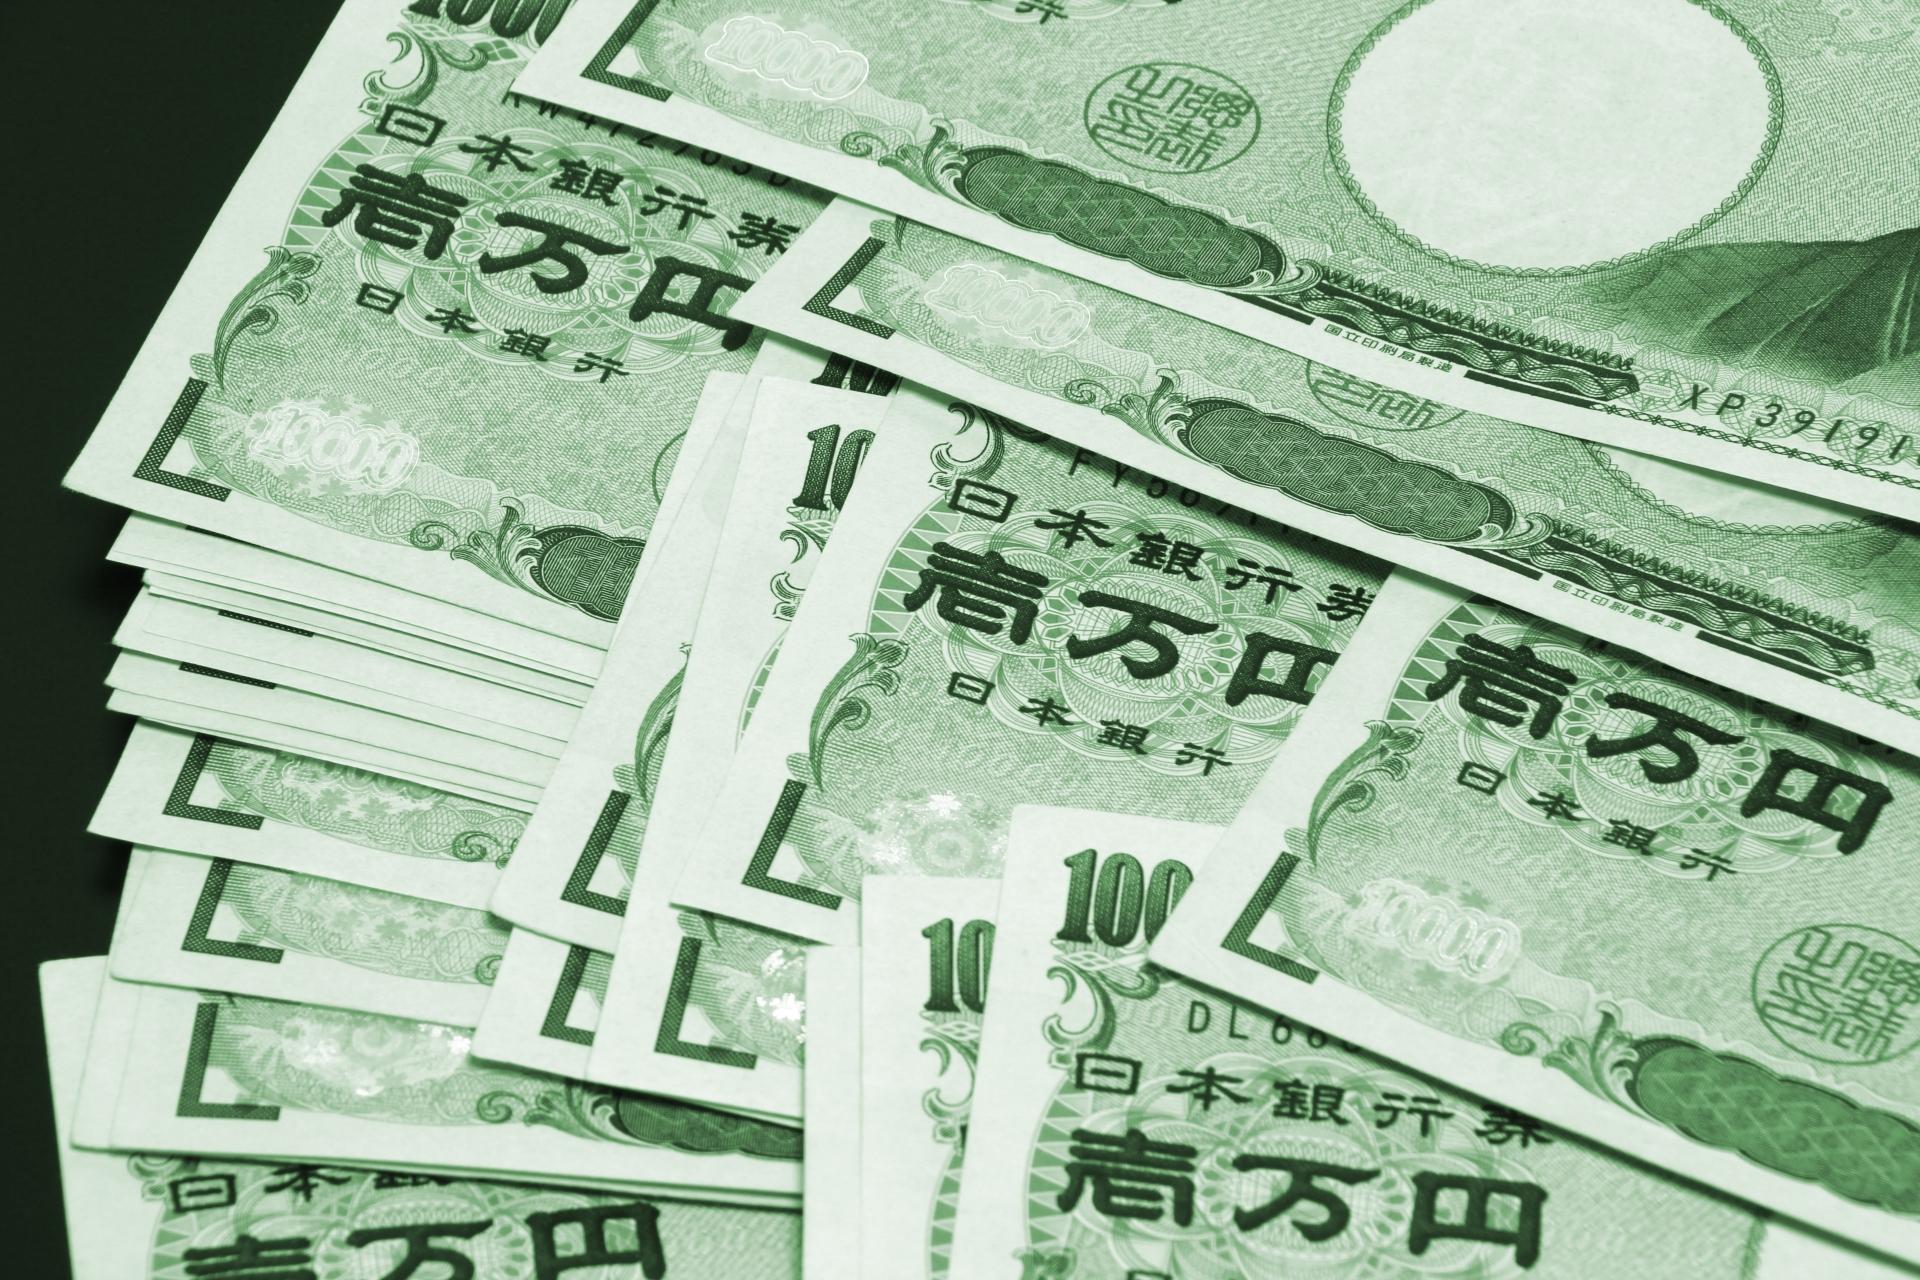 利益超過分配金とは良いのか悪いのか、どんなものか把握しよう。